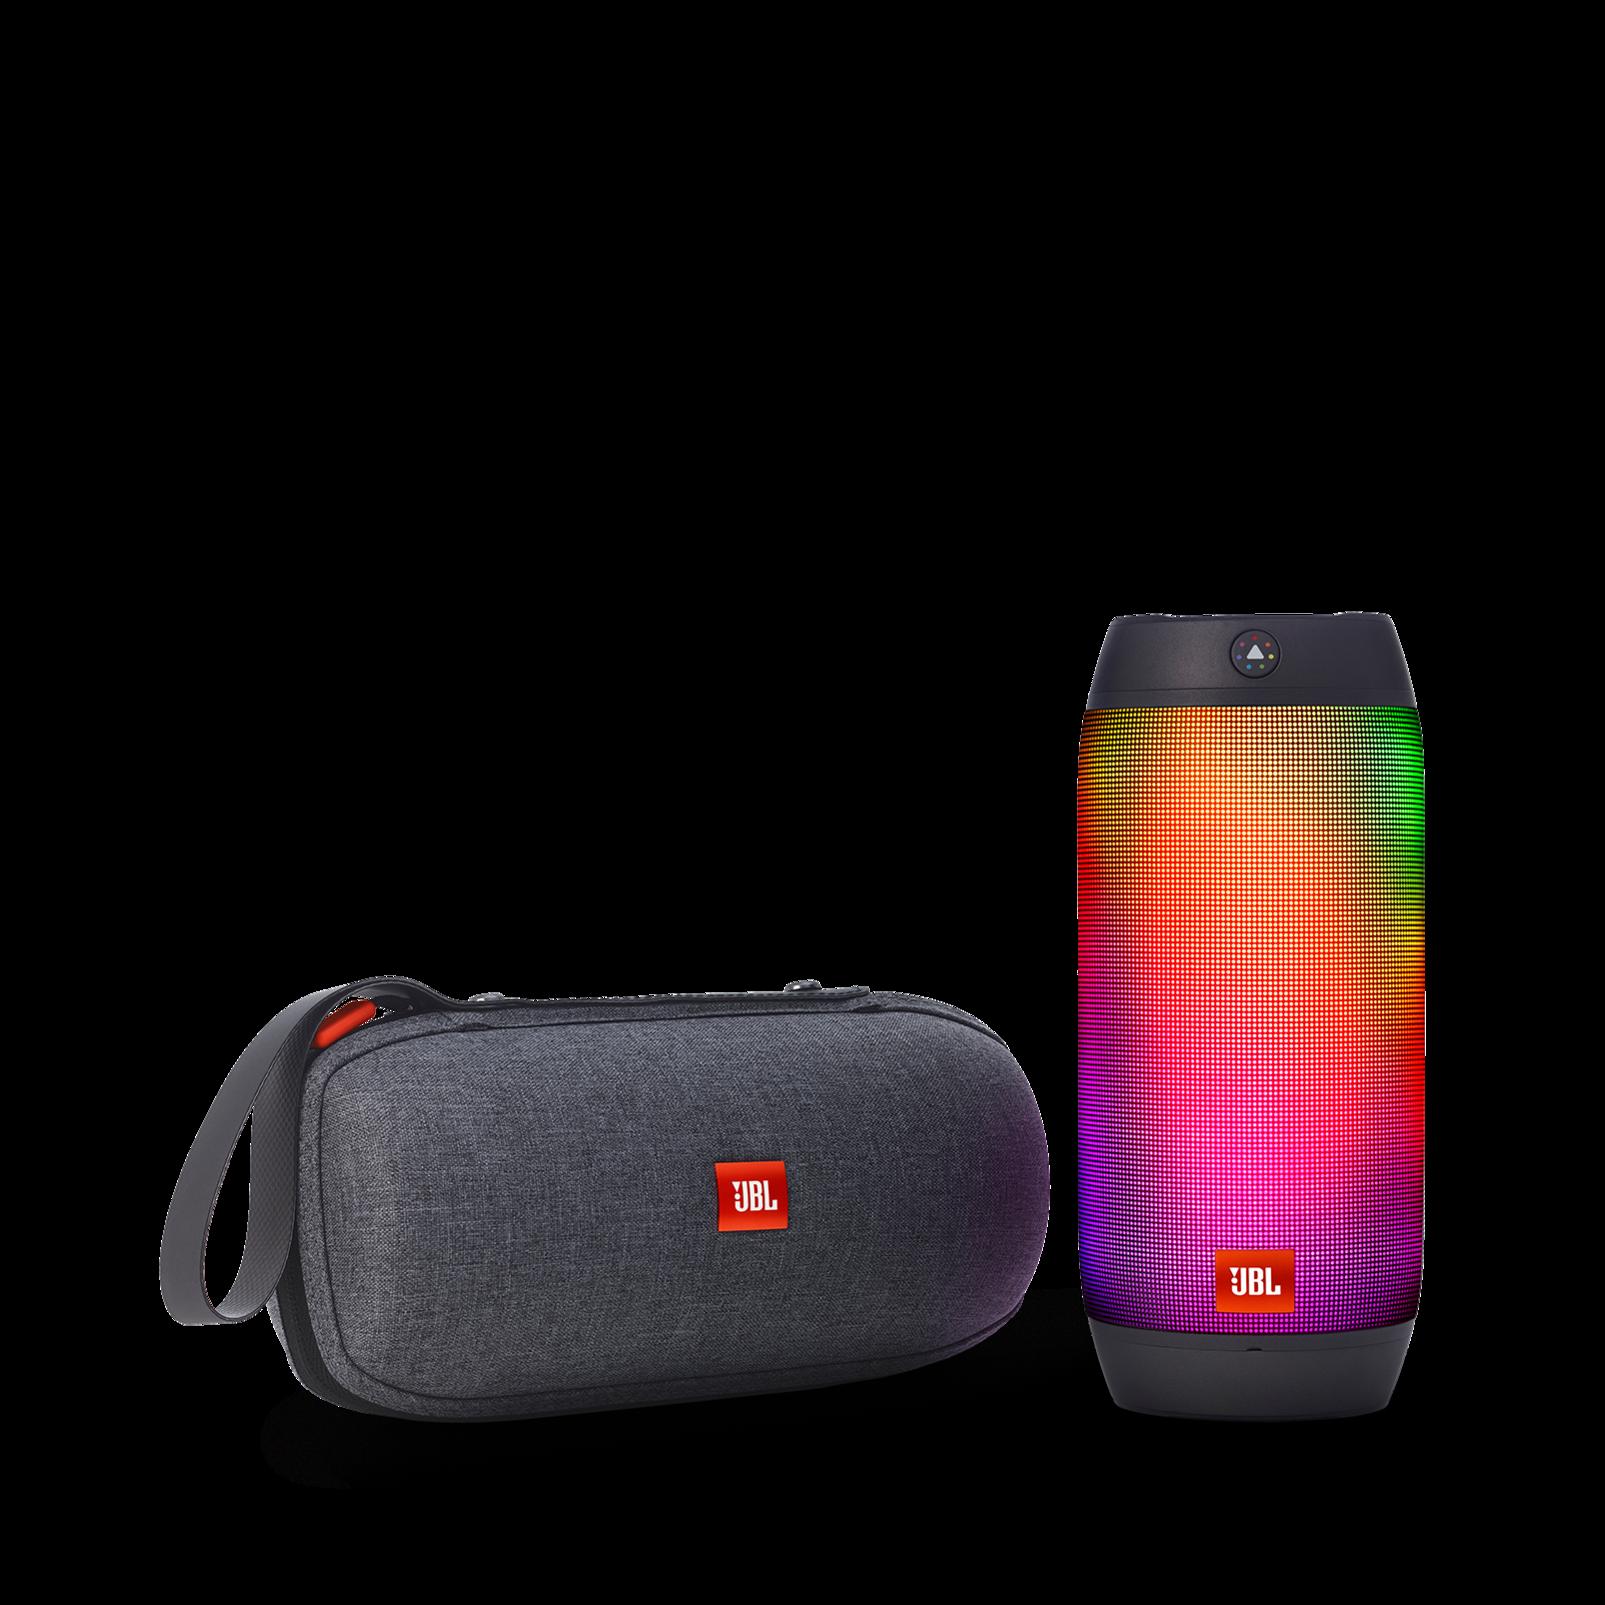 Jbl pulse 2 carrying case online shop for Housse jbl pulse 3